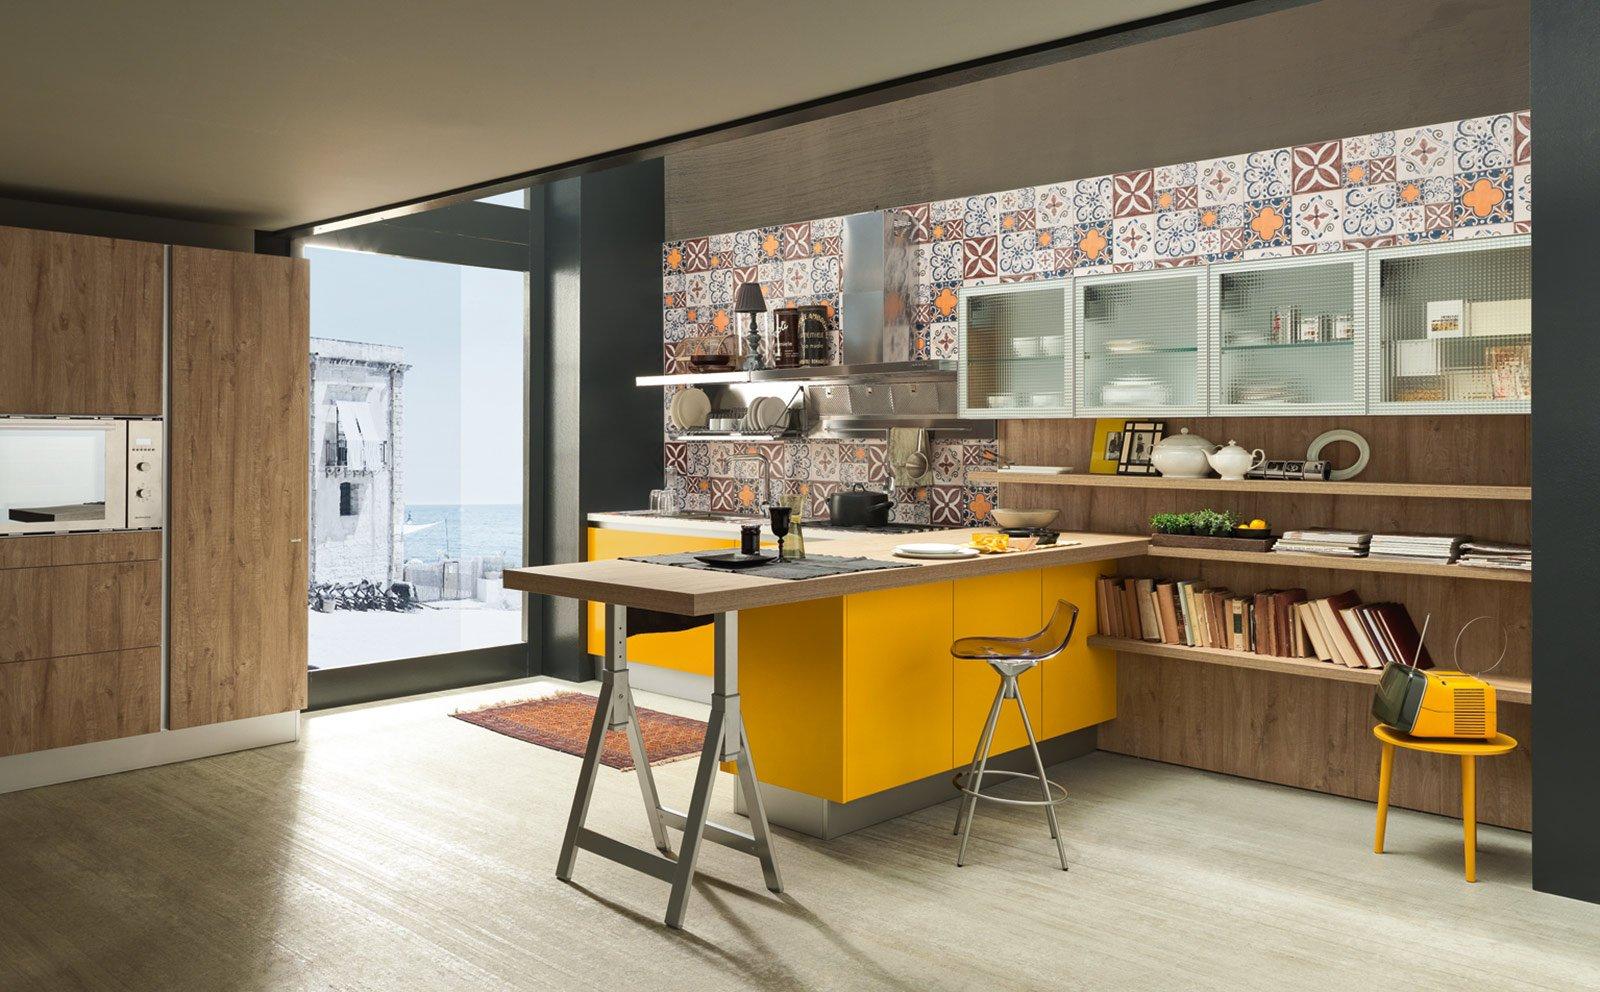 Banco snack pratico e conviviale cose di casa for Piano snack cucina